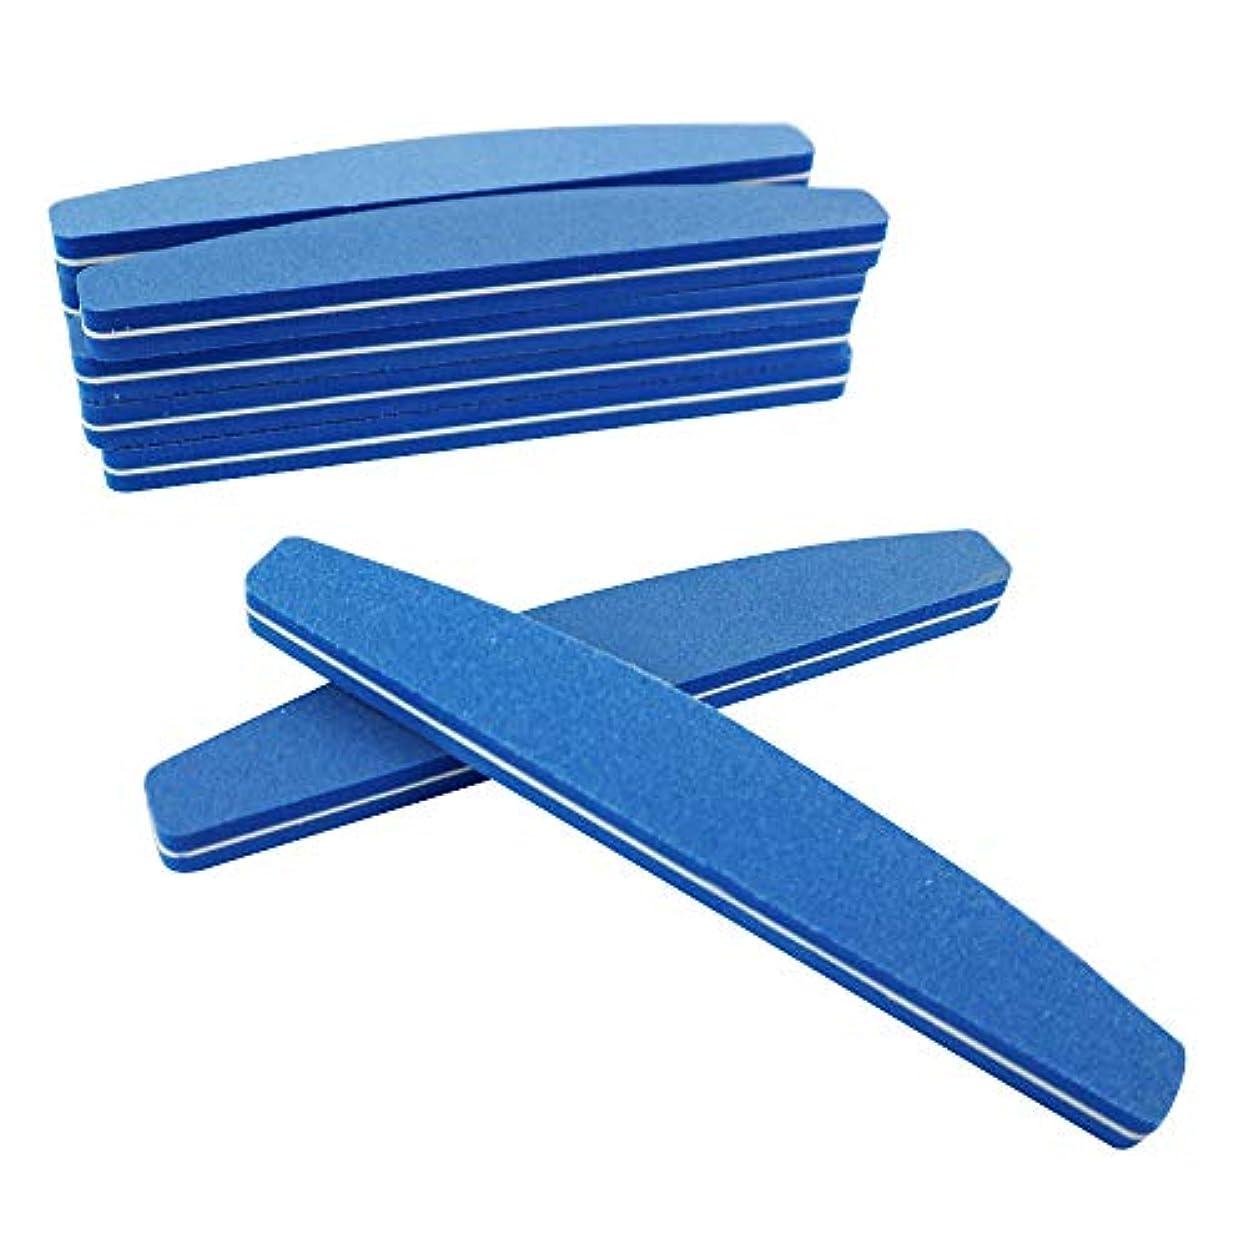 激怒汚い収束トータルヘルスケアプロモーション 簡単お手軽ネイルケア シャイナー 10本セット 両面 爪磨き (半月型)